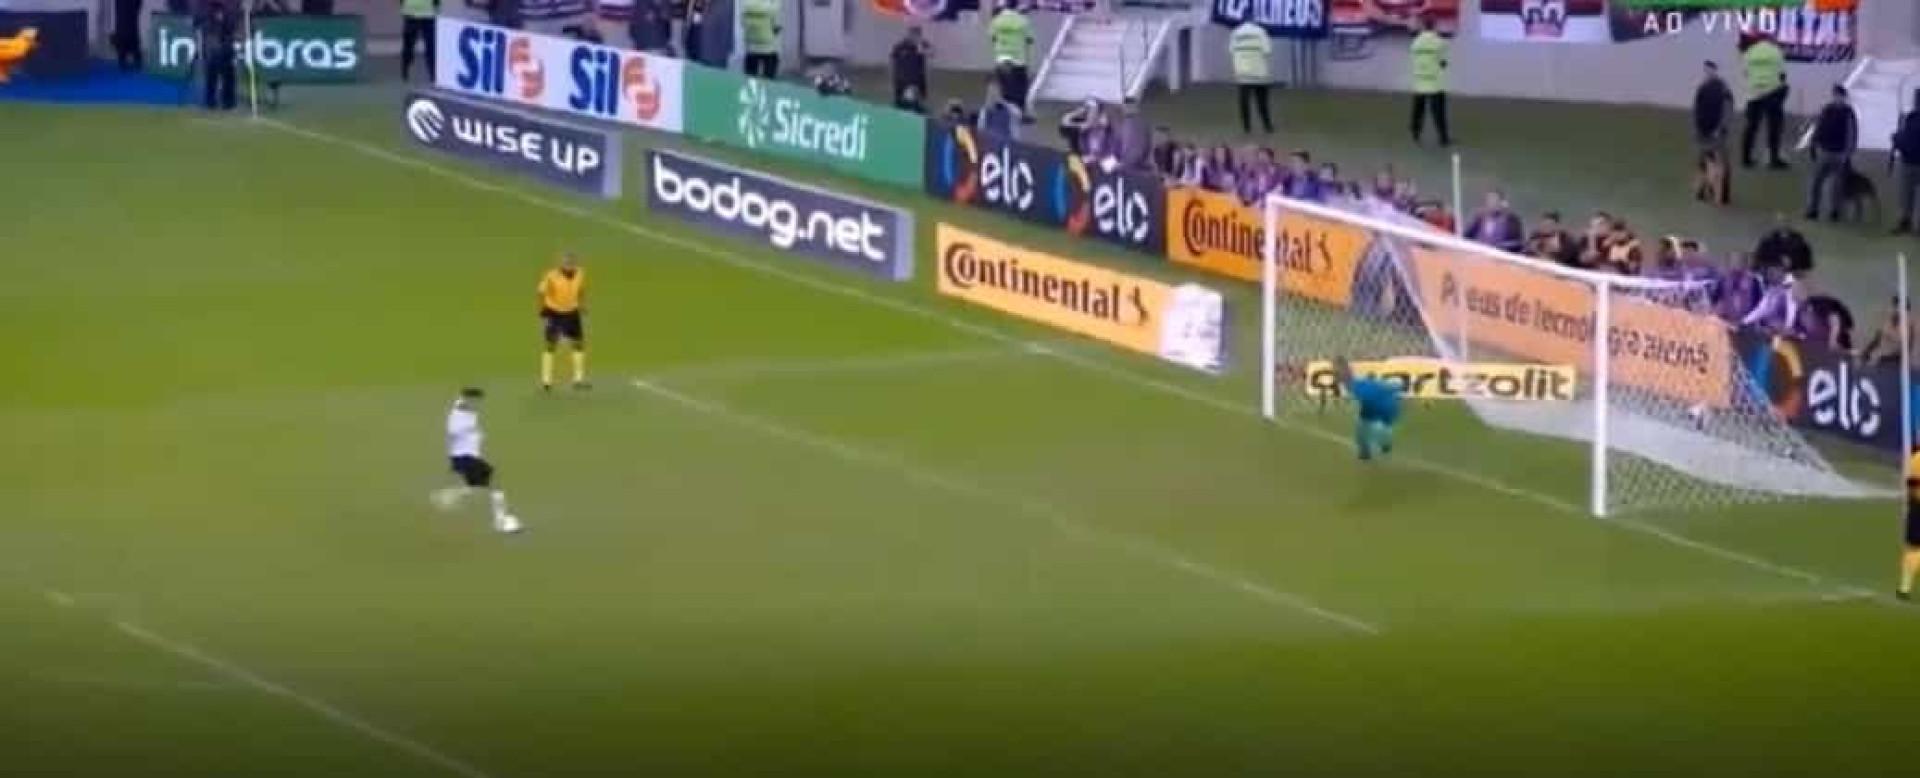 O penálti certeiro que atirou o Flamengo de Jorge Jesus para fora da Taça